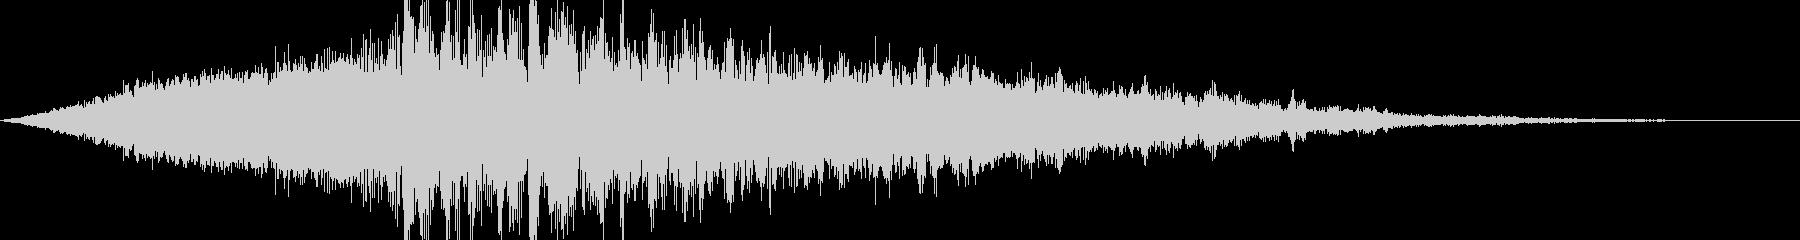 どーん:ハイブリット音:オープニング4の未再生の波形